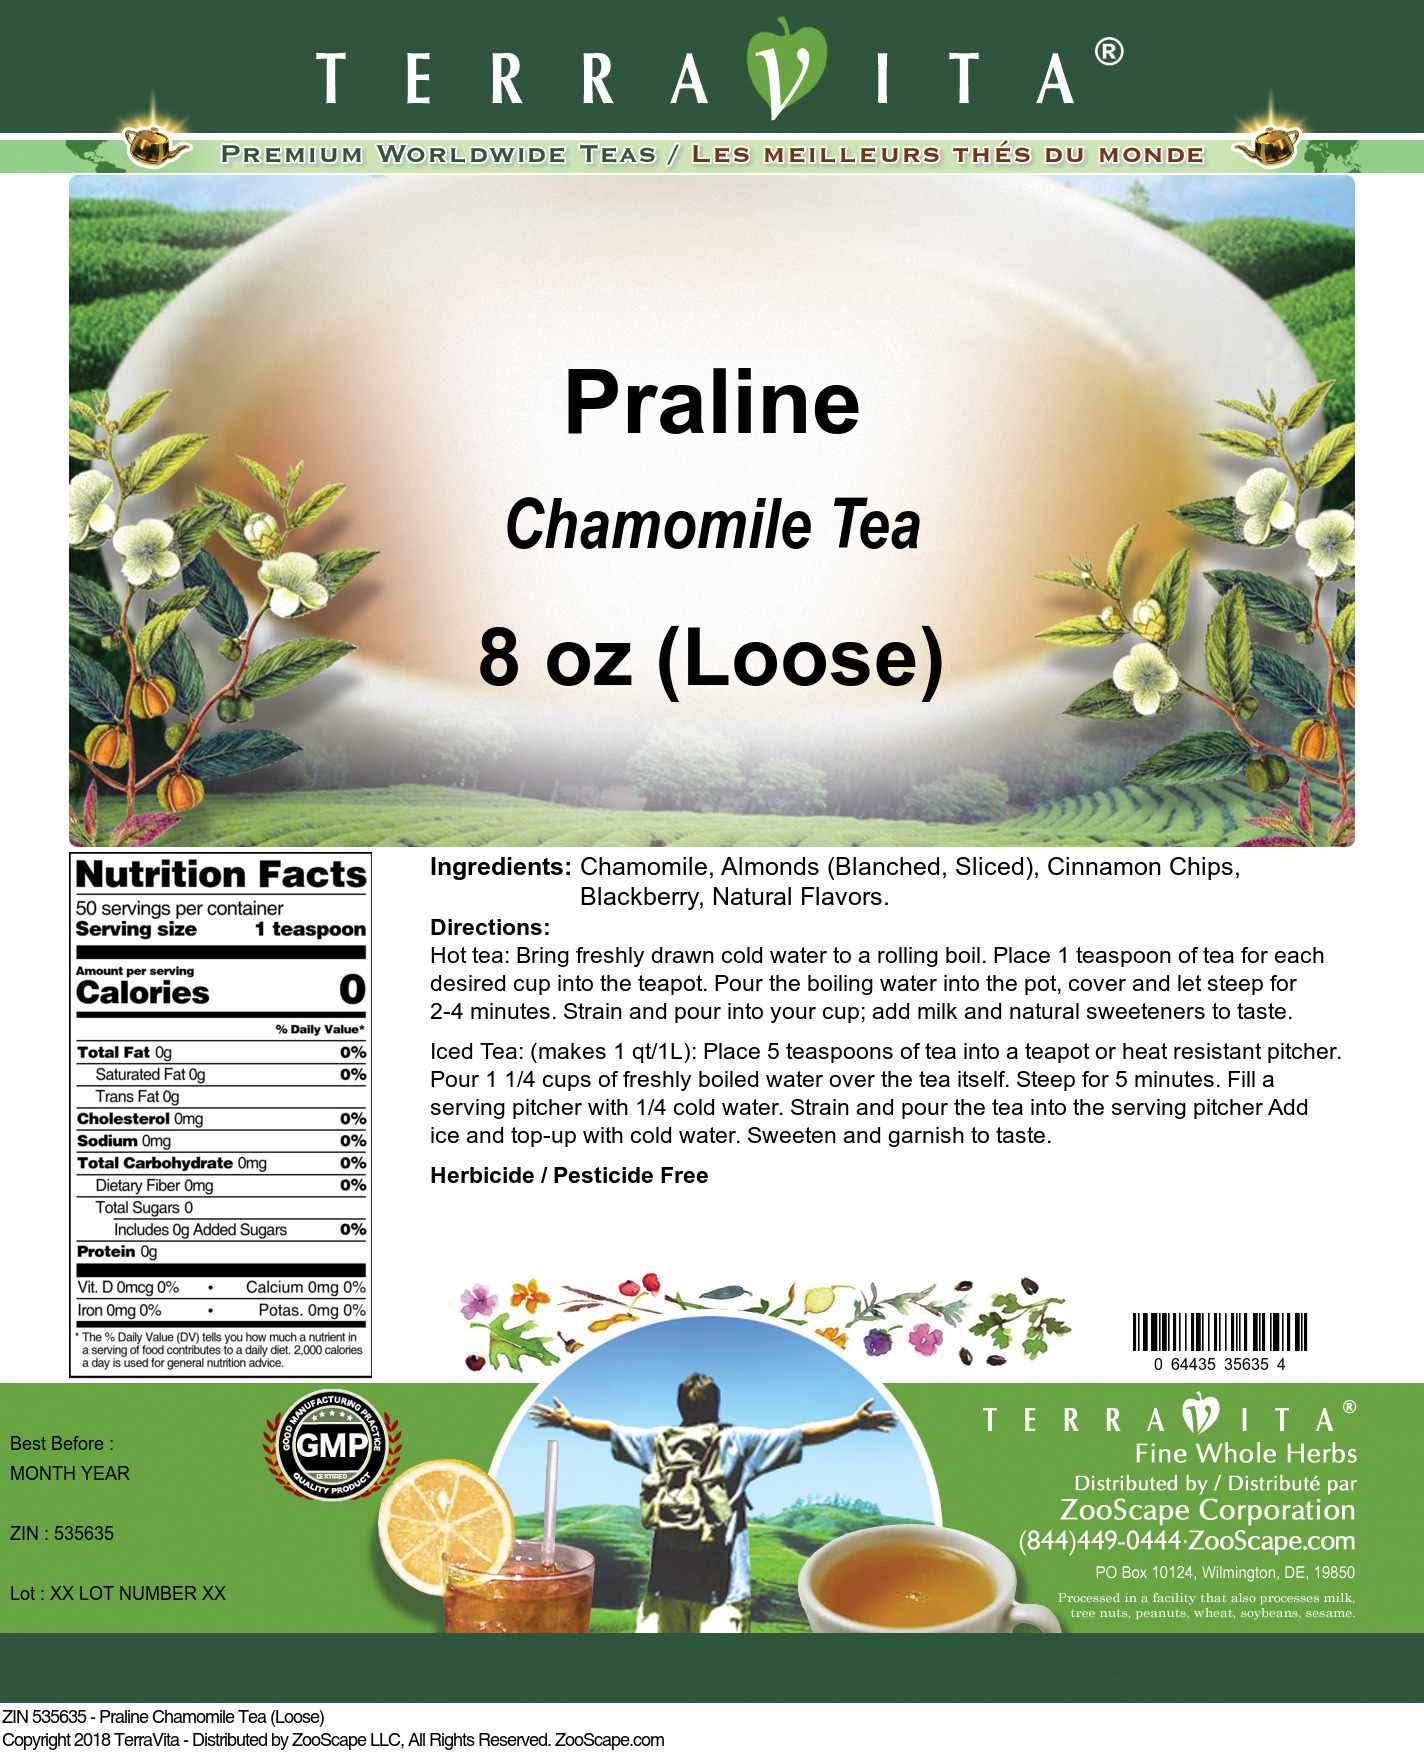 Praline Chamomile Tea (Loose)